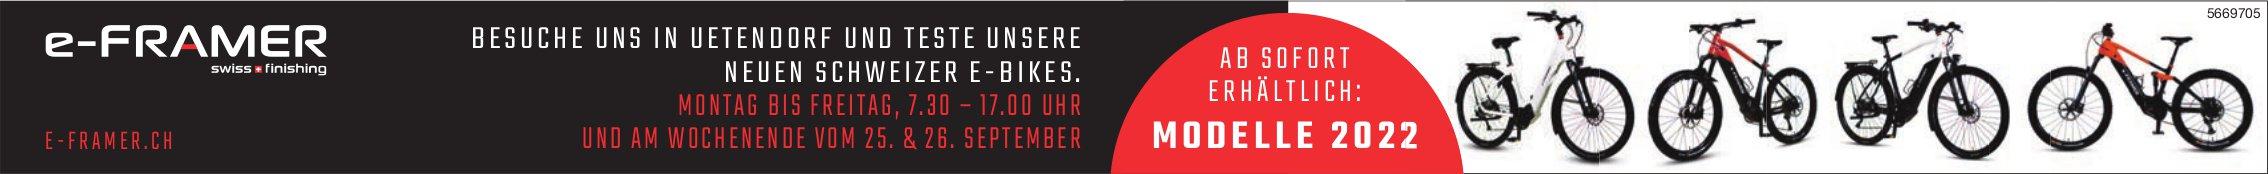 E-Framer, Uetendorf - Ab sofort erhältlich: Modelle 2022